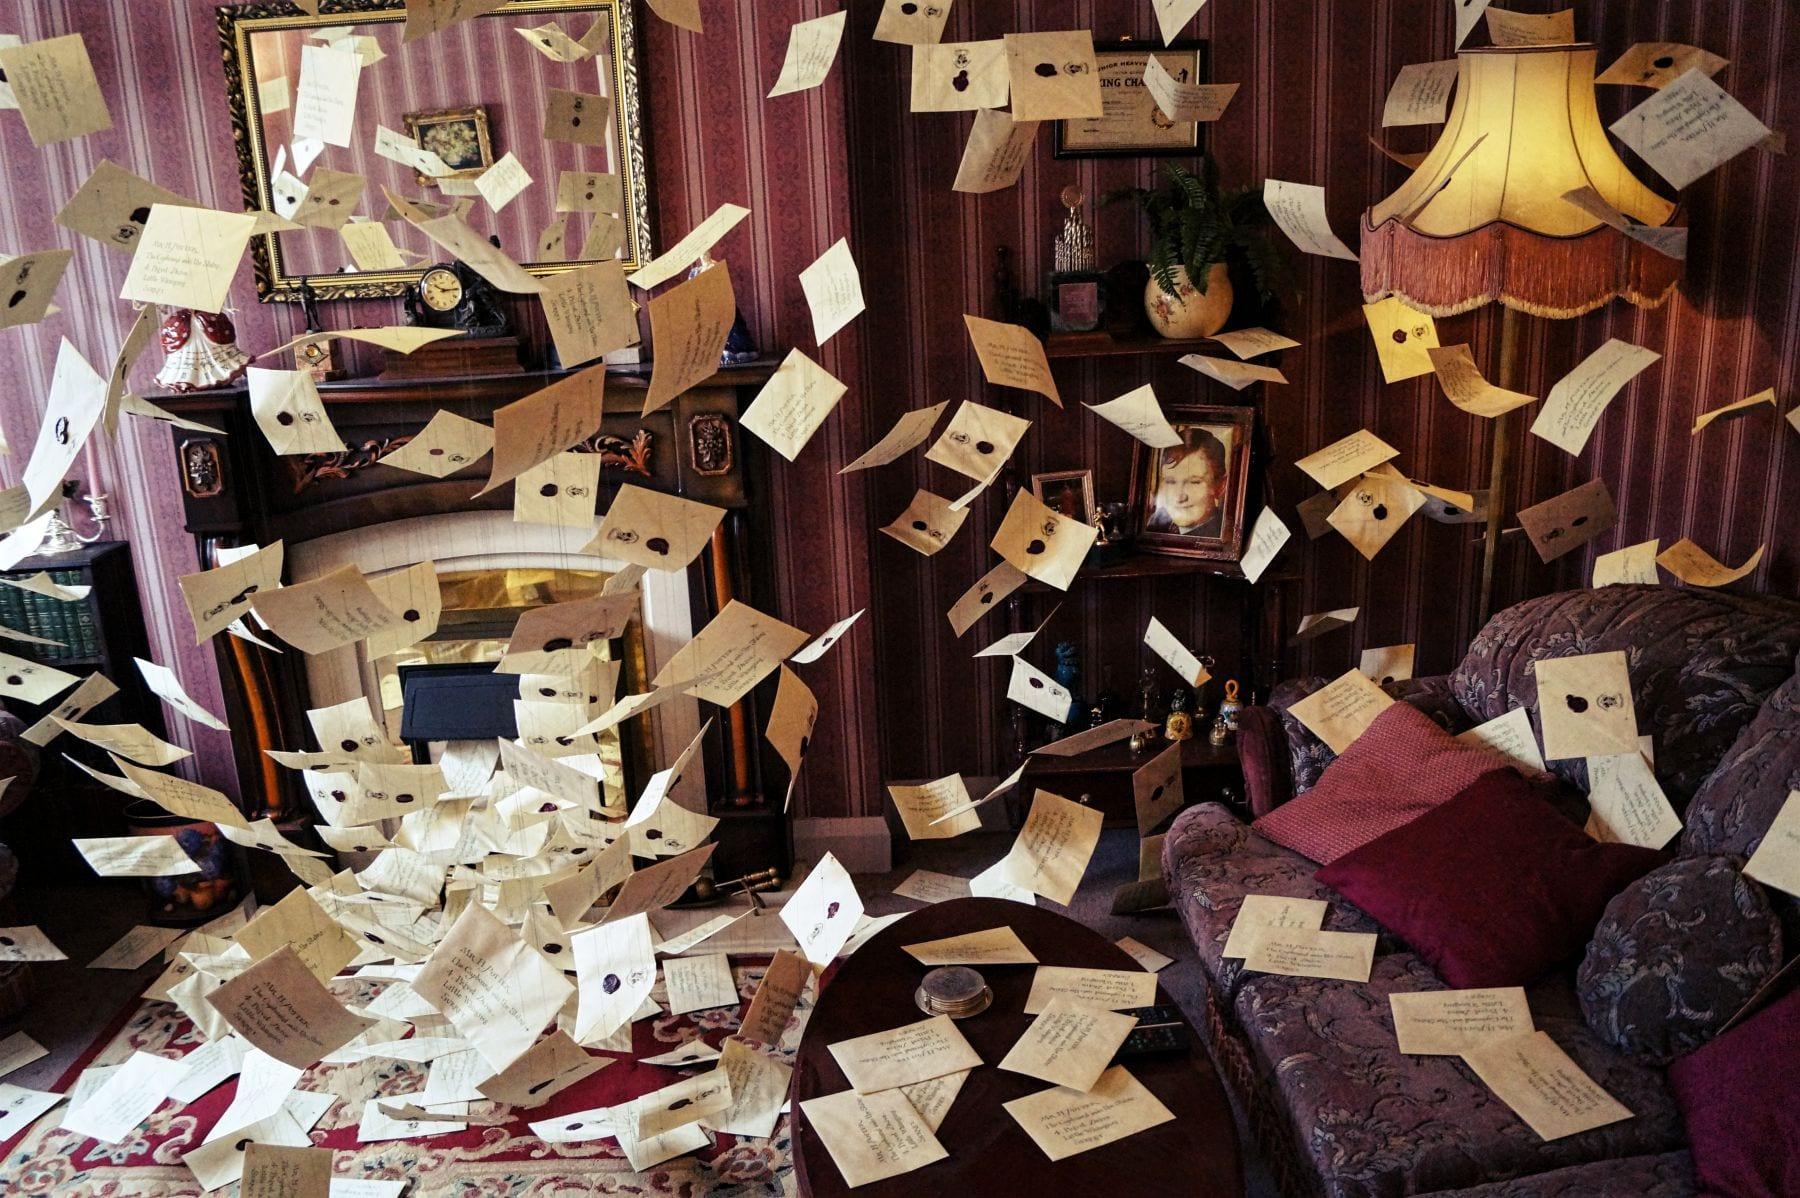 Eine weitere bekannte Szene aus Harry Potter 1 - die Überflutung der Hogwarts-Einladungen